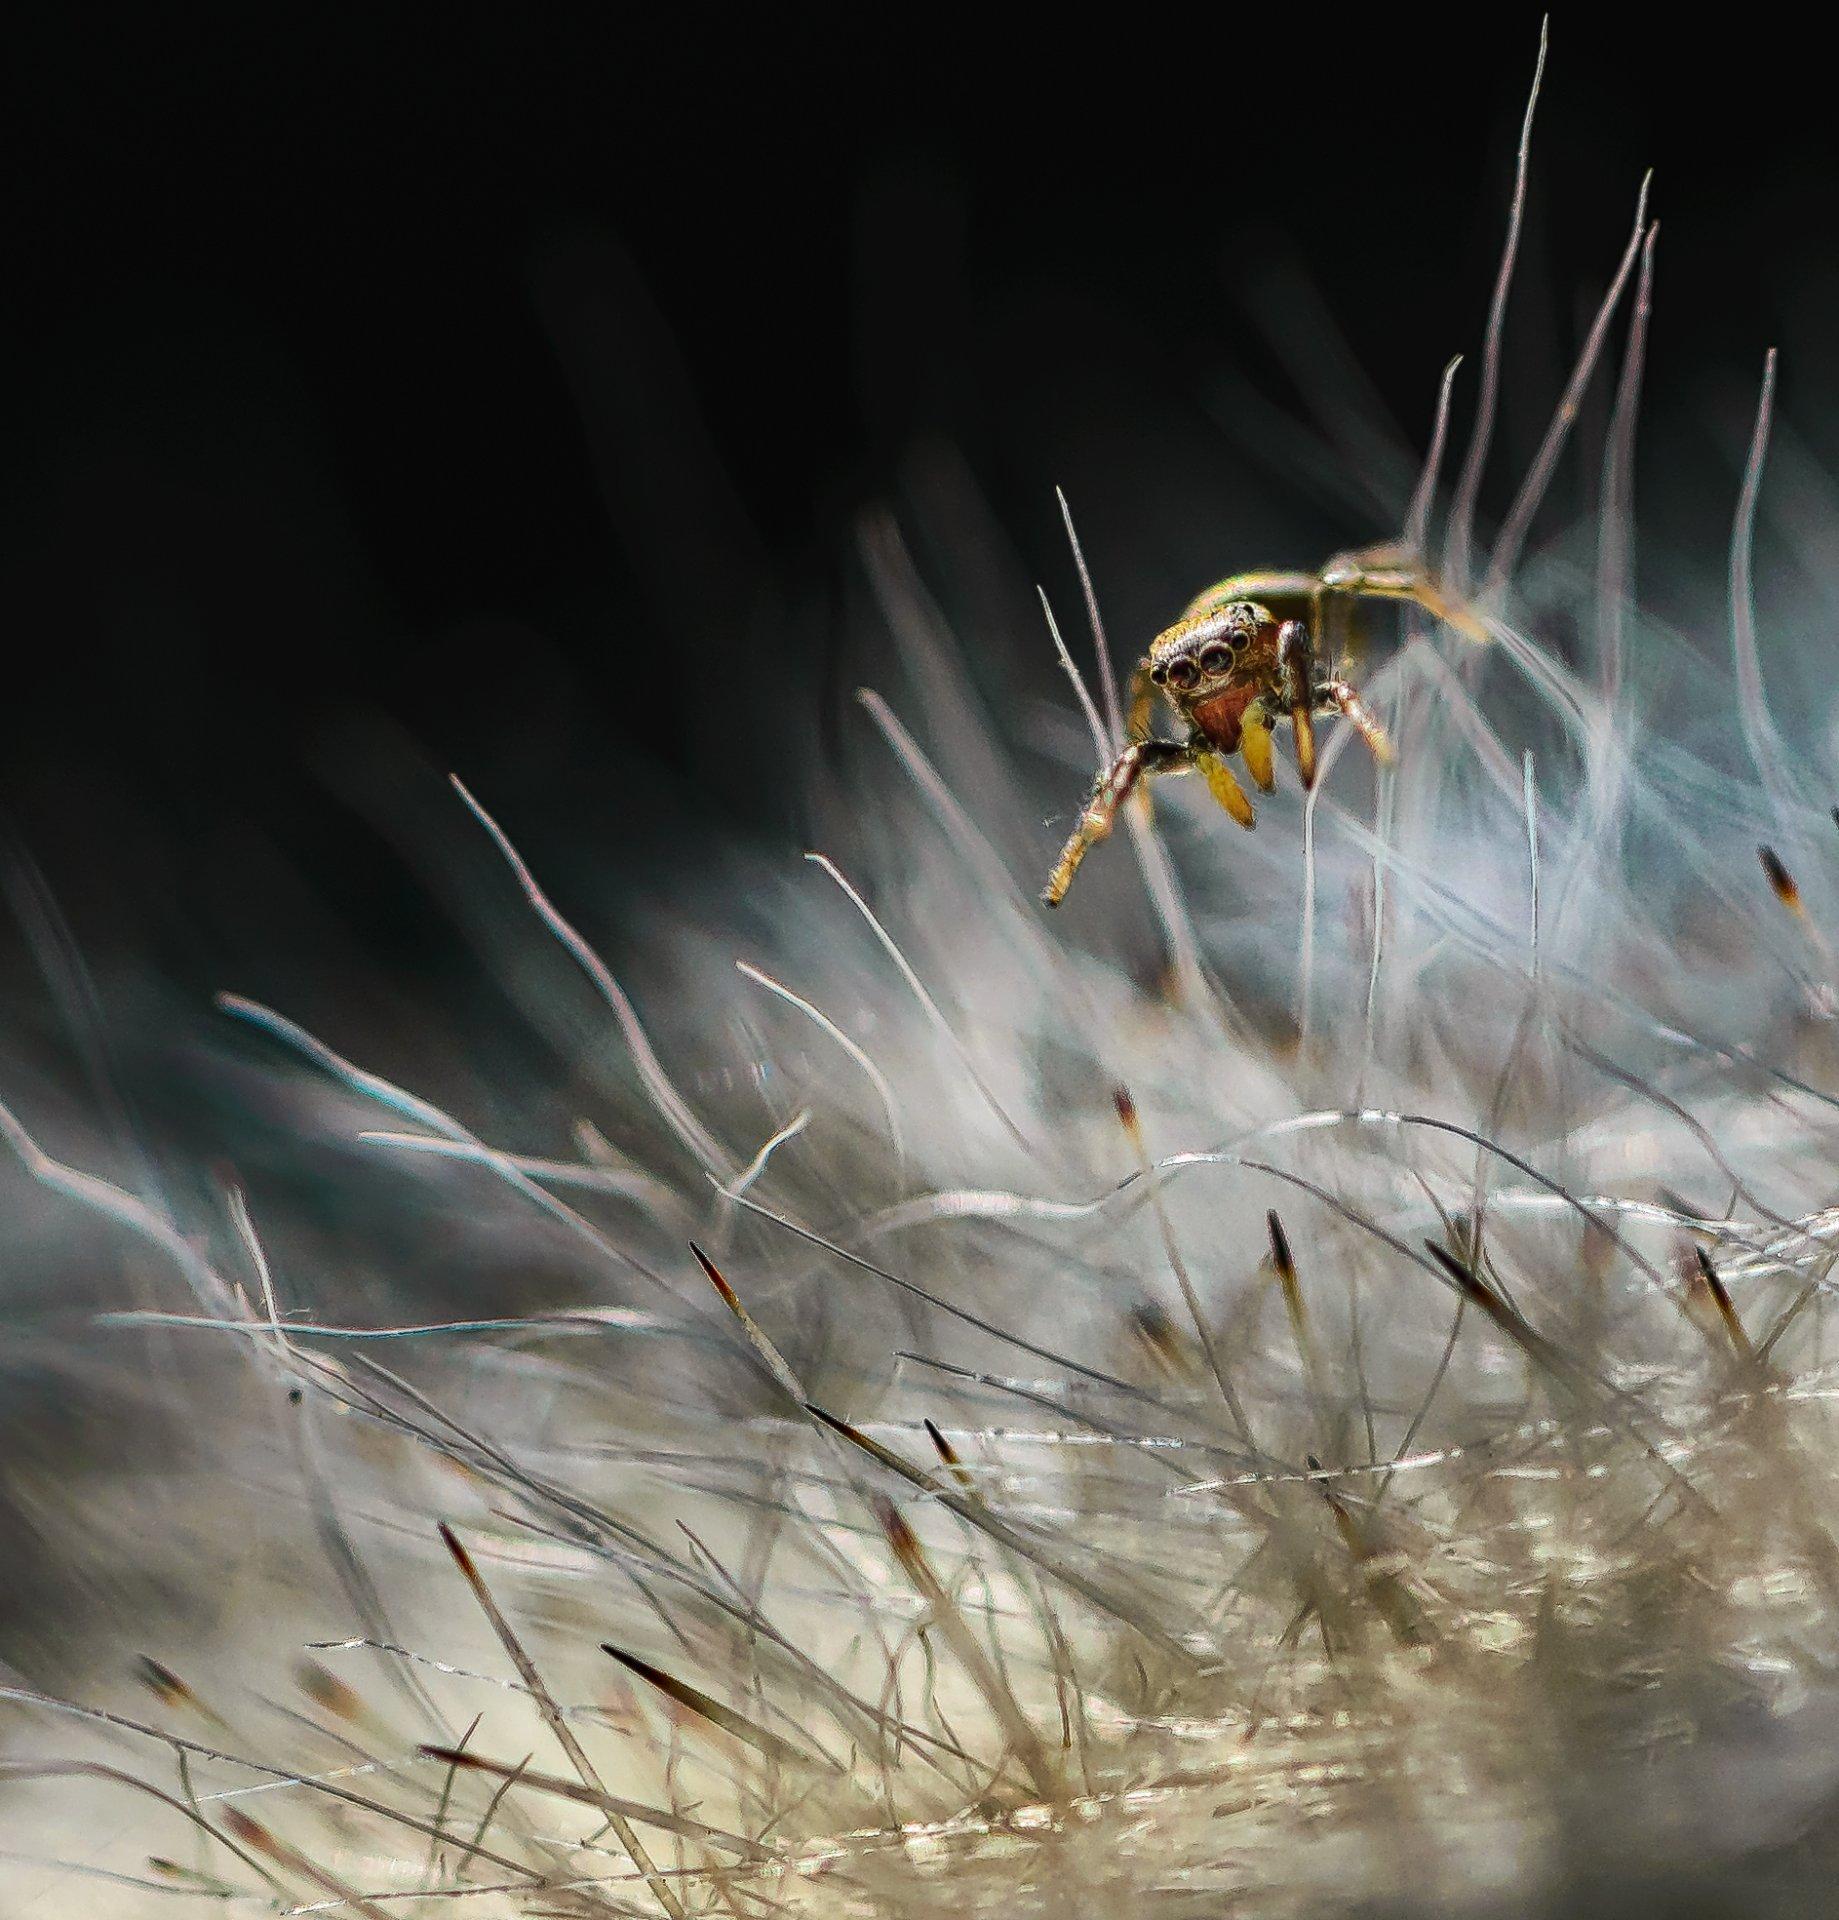 природа, макро, паук, скакунчик, кактус, мамиллярия, Неля Рачкова